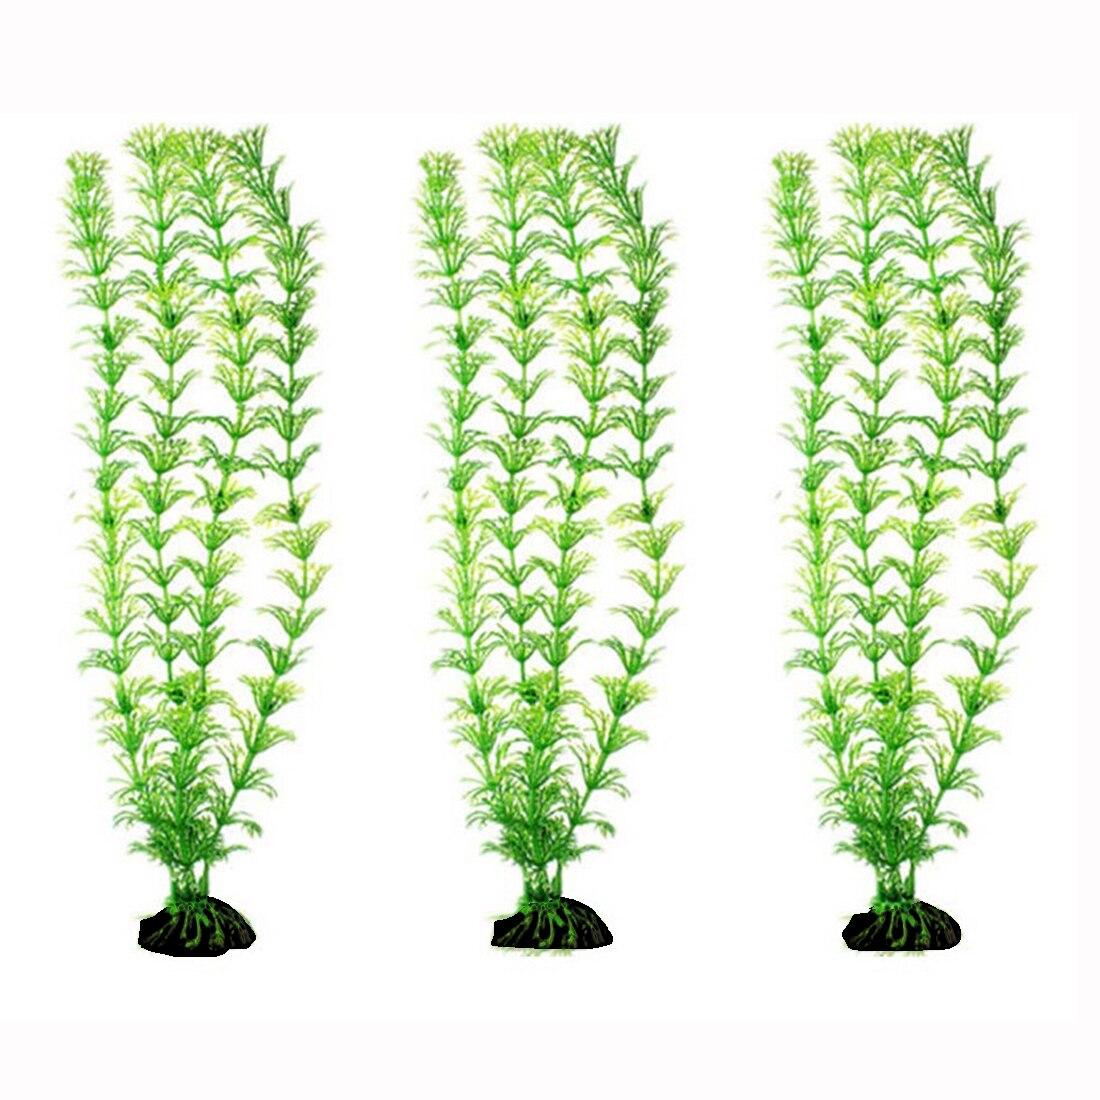 1 Pc Neue Künstliche Grün Pflanze Gras Für Fisch Aquarium Dekor MöChten Sie Einheimische Chinesische Produkte Kaufen?